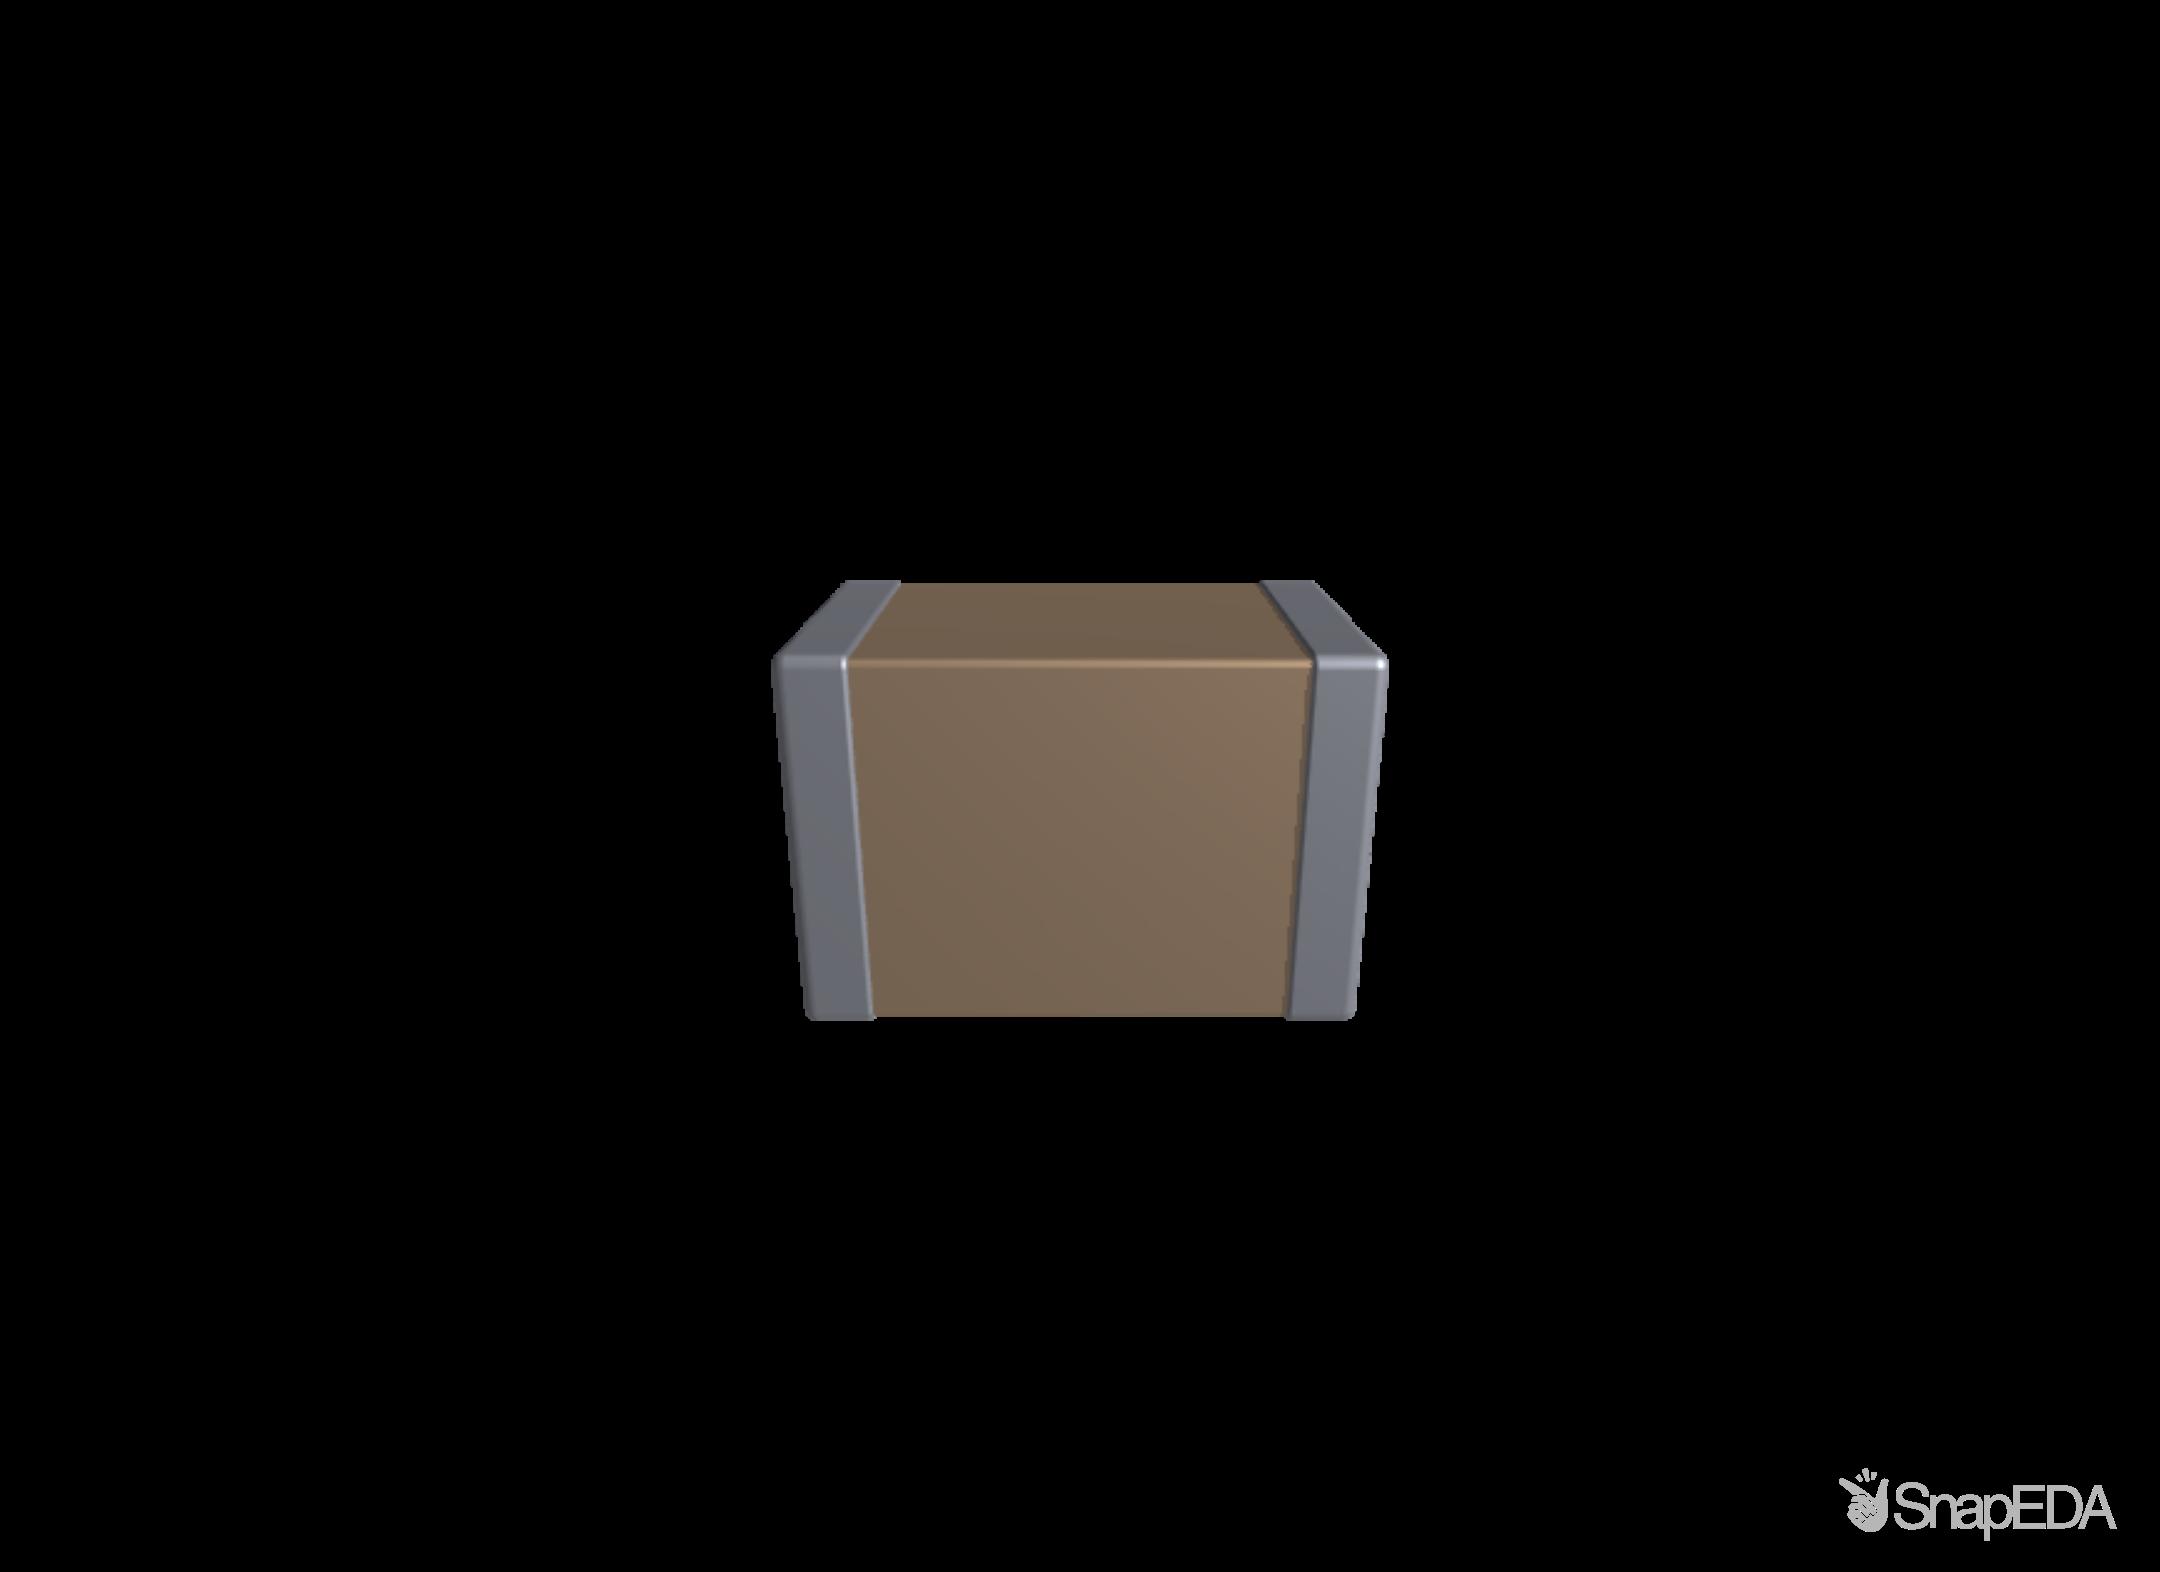 C0805F103K5RACTU 3D Model